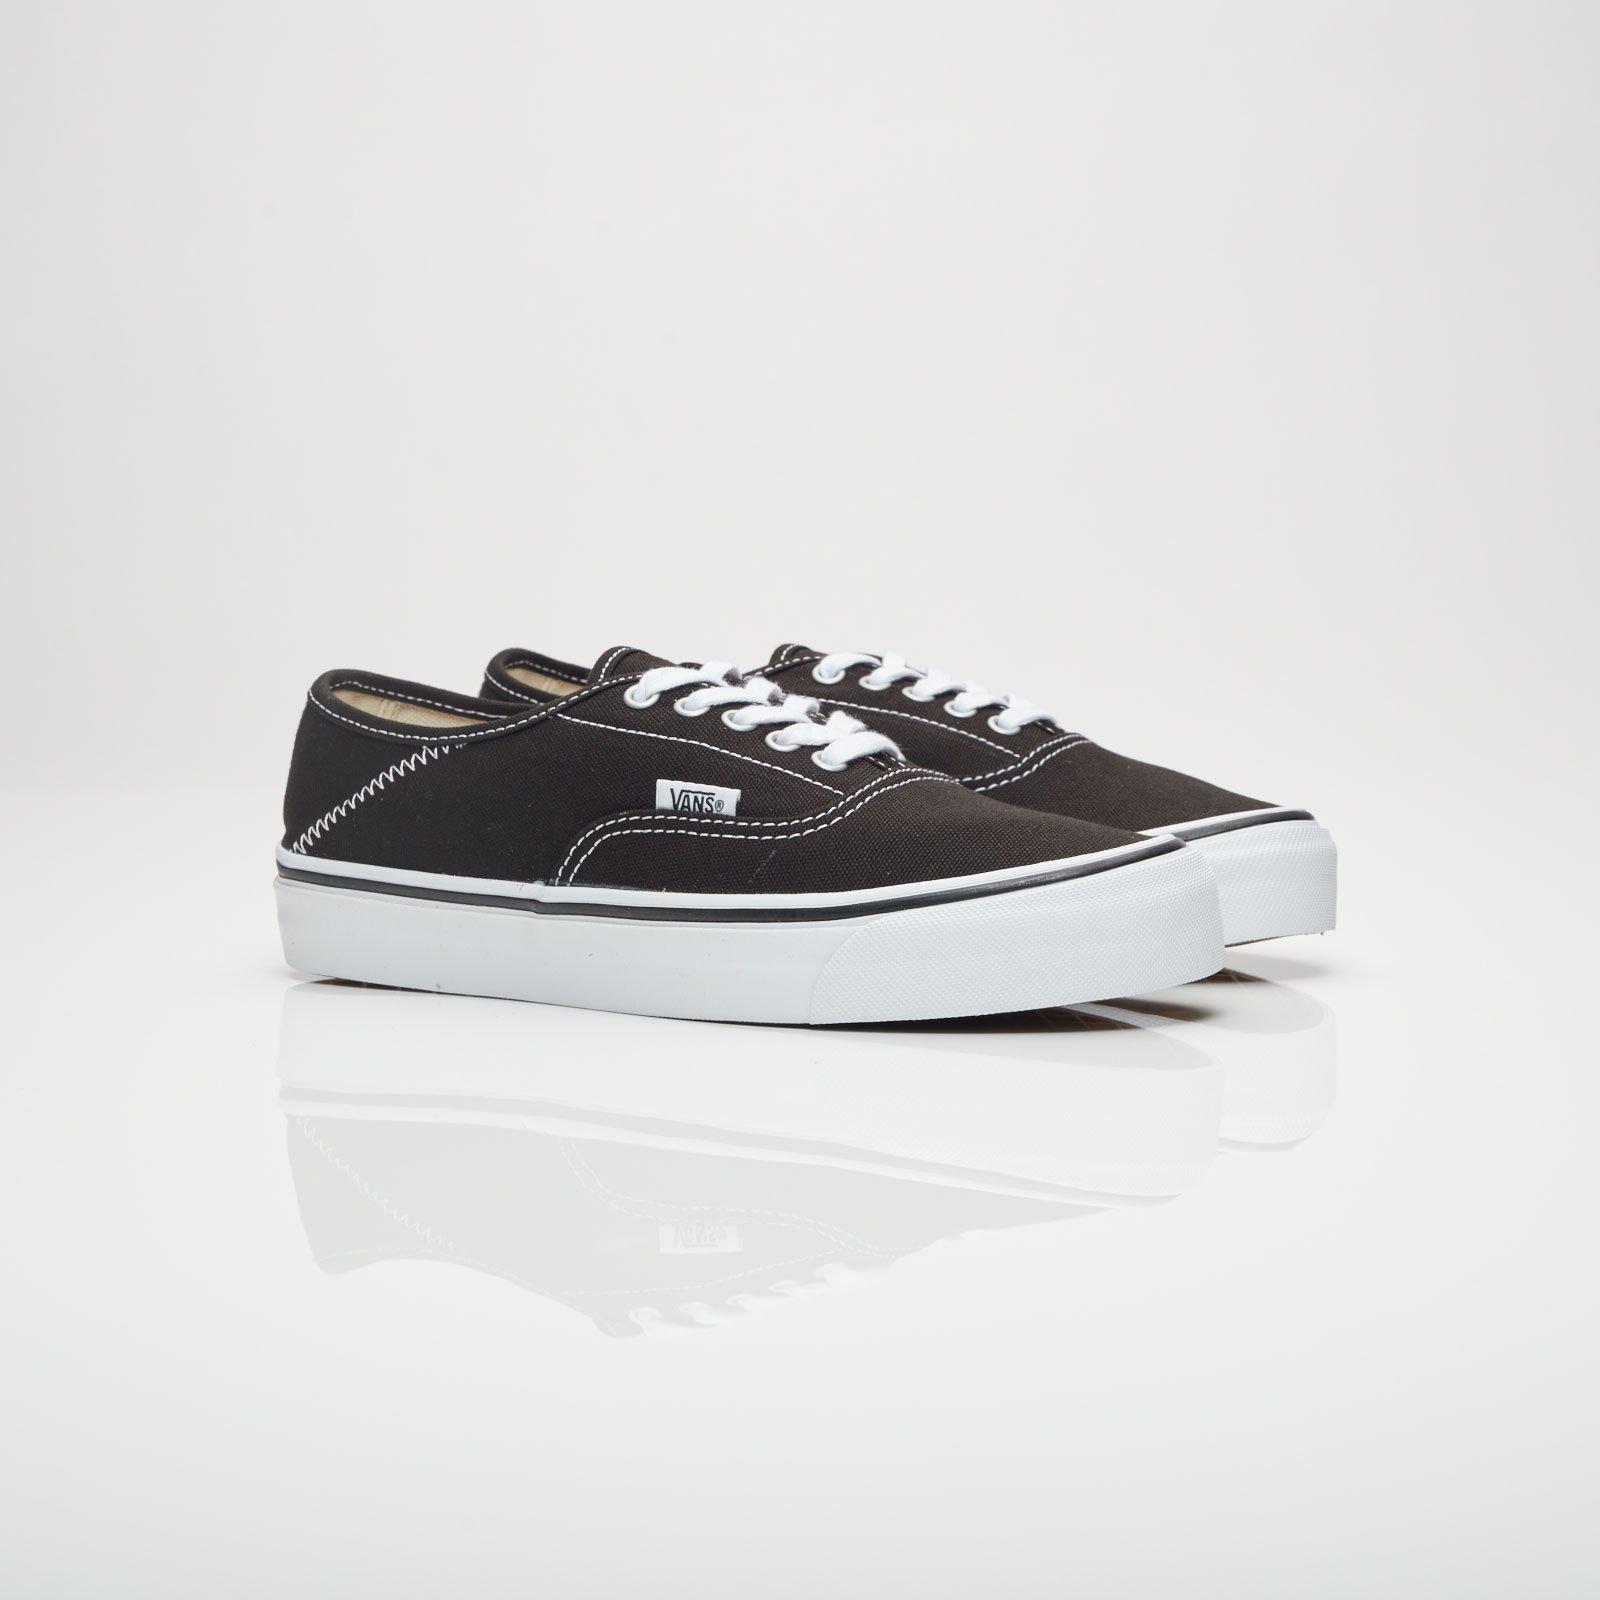 3915aba96c Vans UA OG Style 43 LX x ALYX - Vn0a3dpbok6 - Sneakersnstuff ...